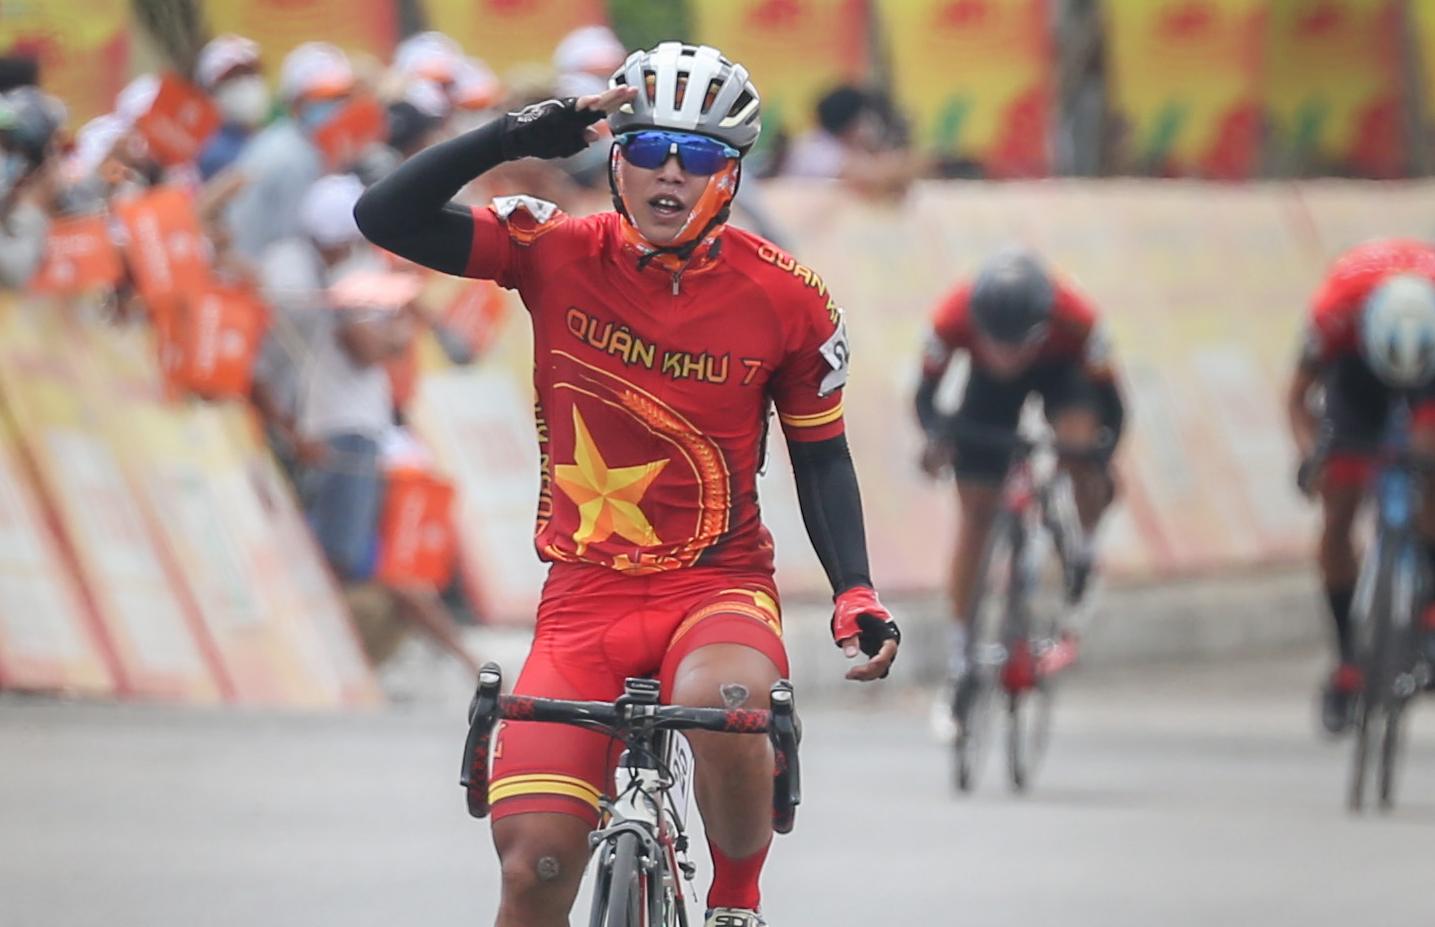 Nguyễn Văn Nhã một mình cán đích ở Quảng Nam trưa nay, 19/4. Ảnh: Văn Thuận.